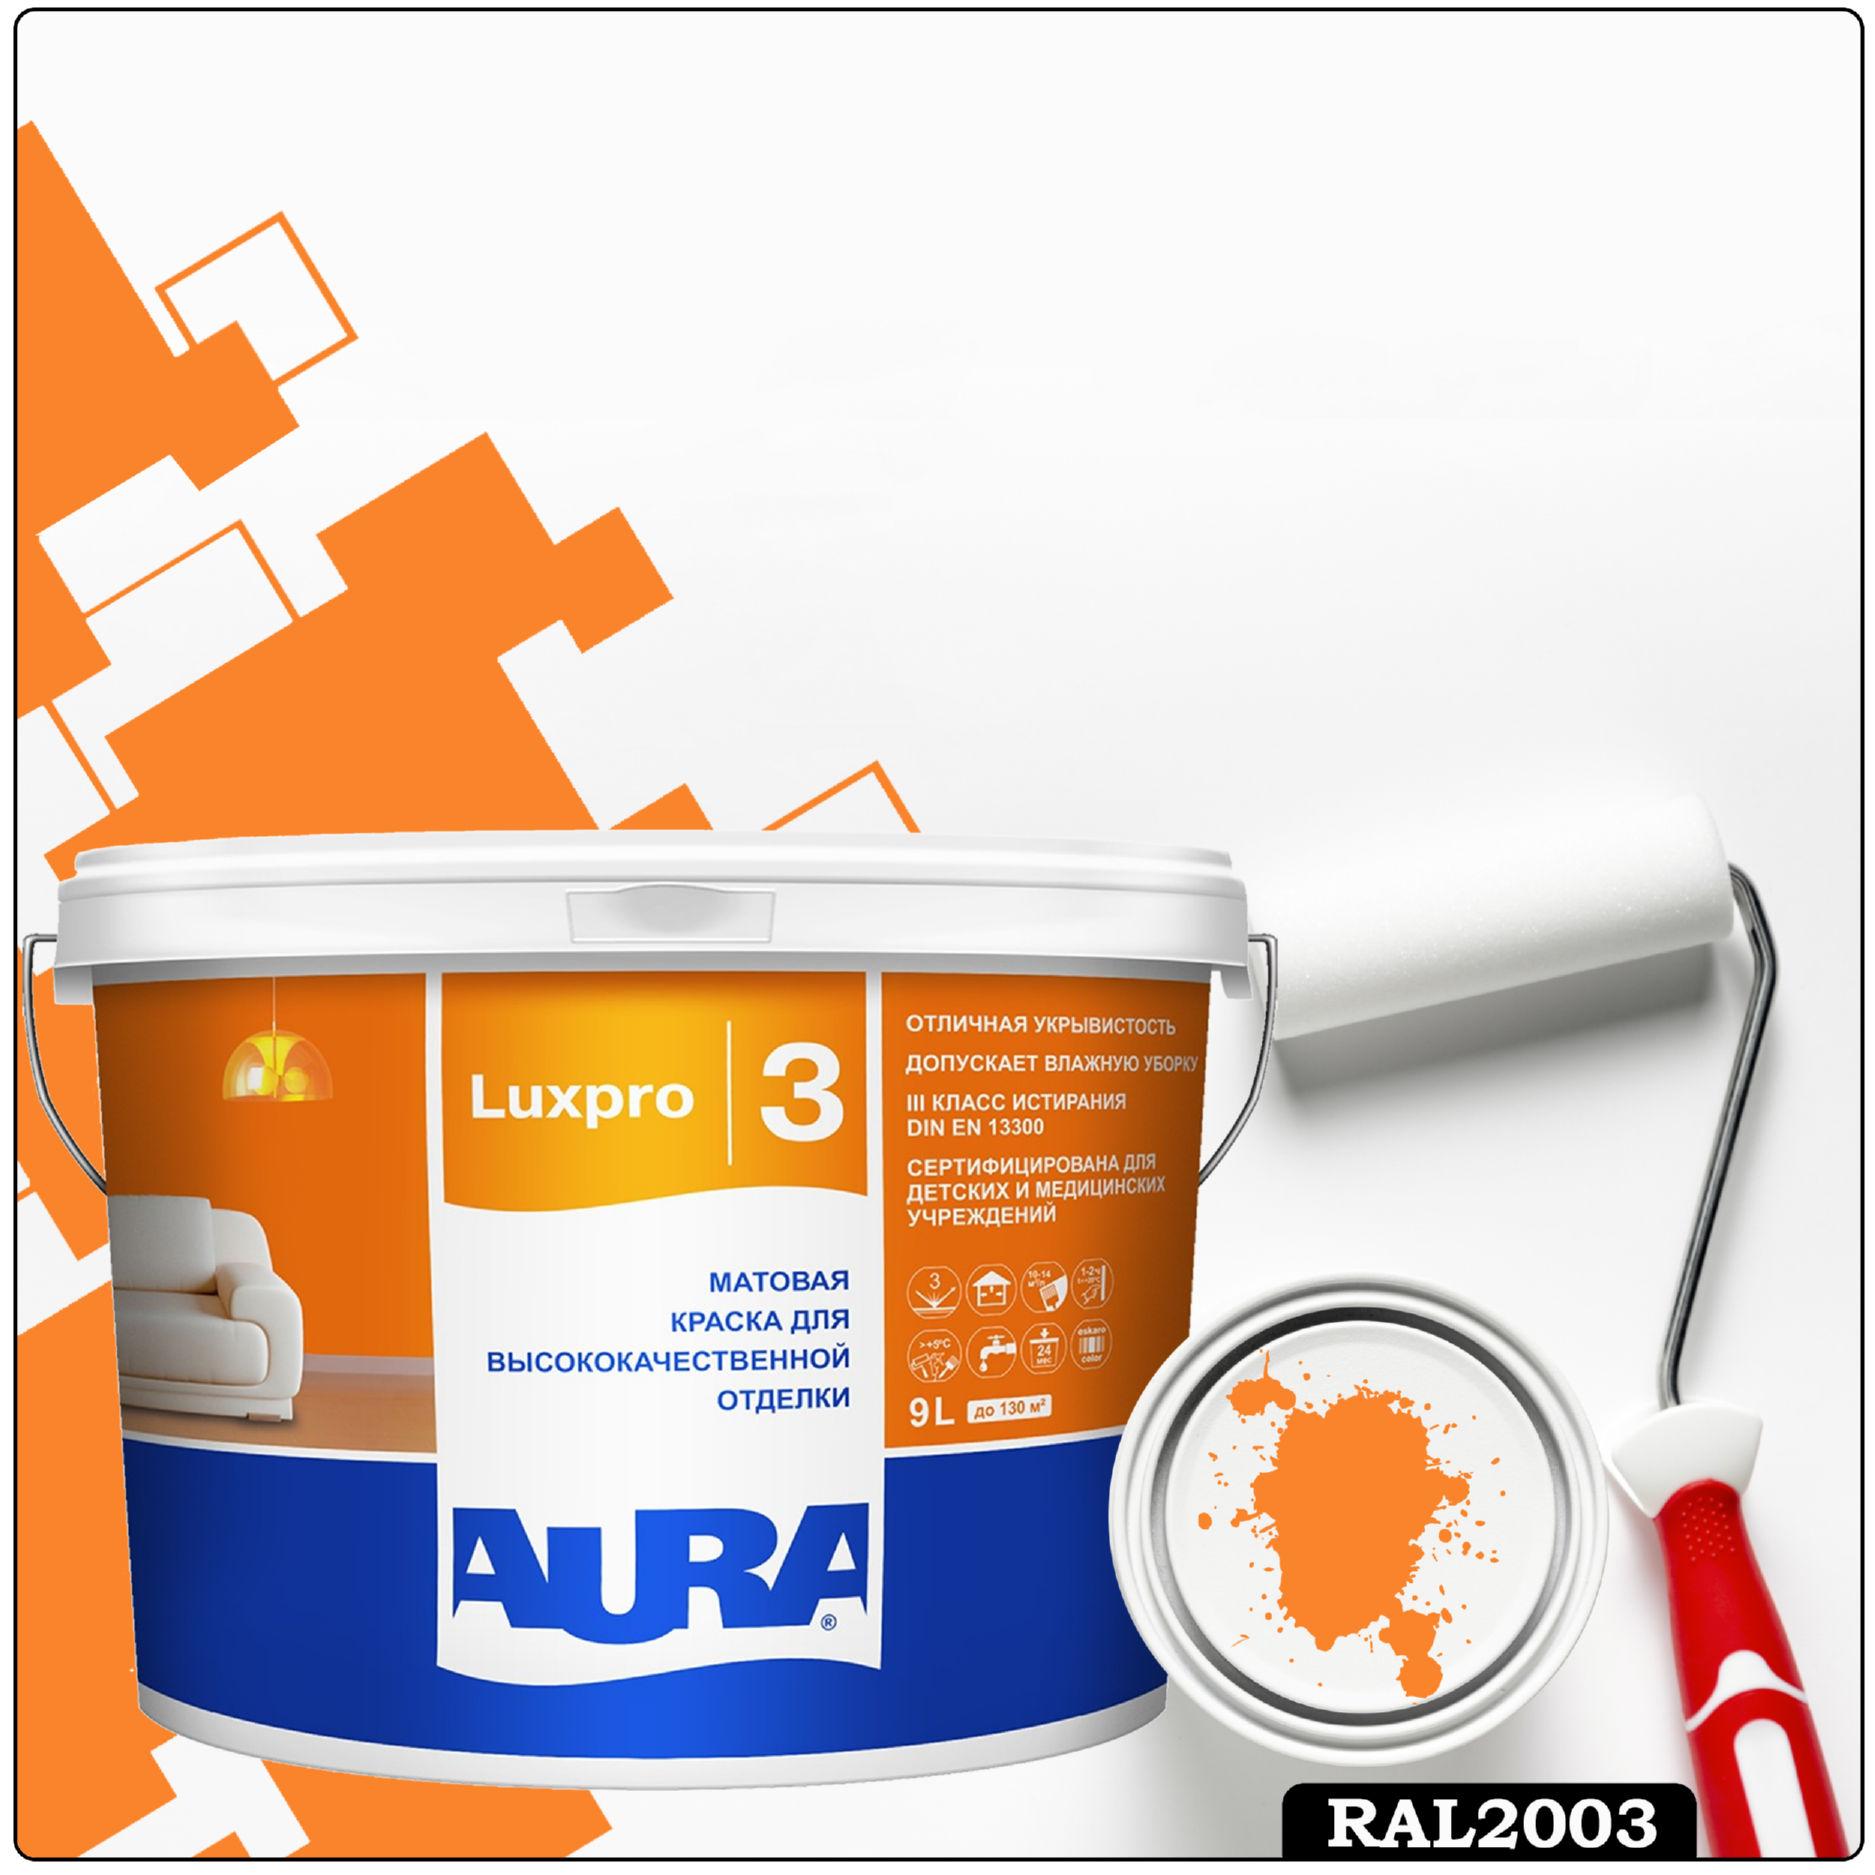 Фото 4 - Краска Aura LuxPRO 3, RAL 2003 Пастельно-оранжевый, латексная, шелково-матовая, интерьерная, 9л, Аура.